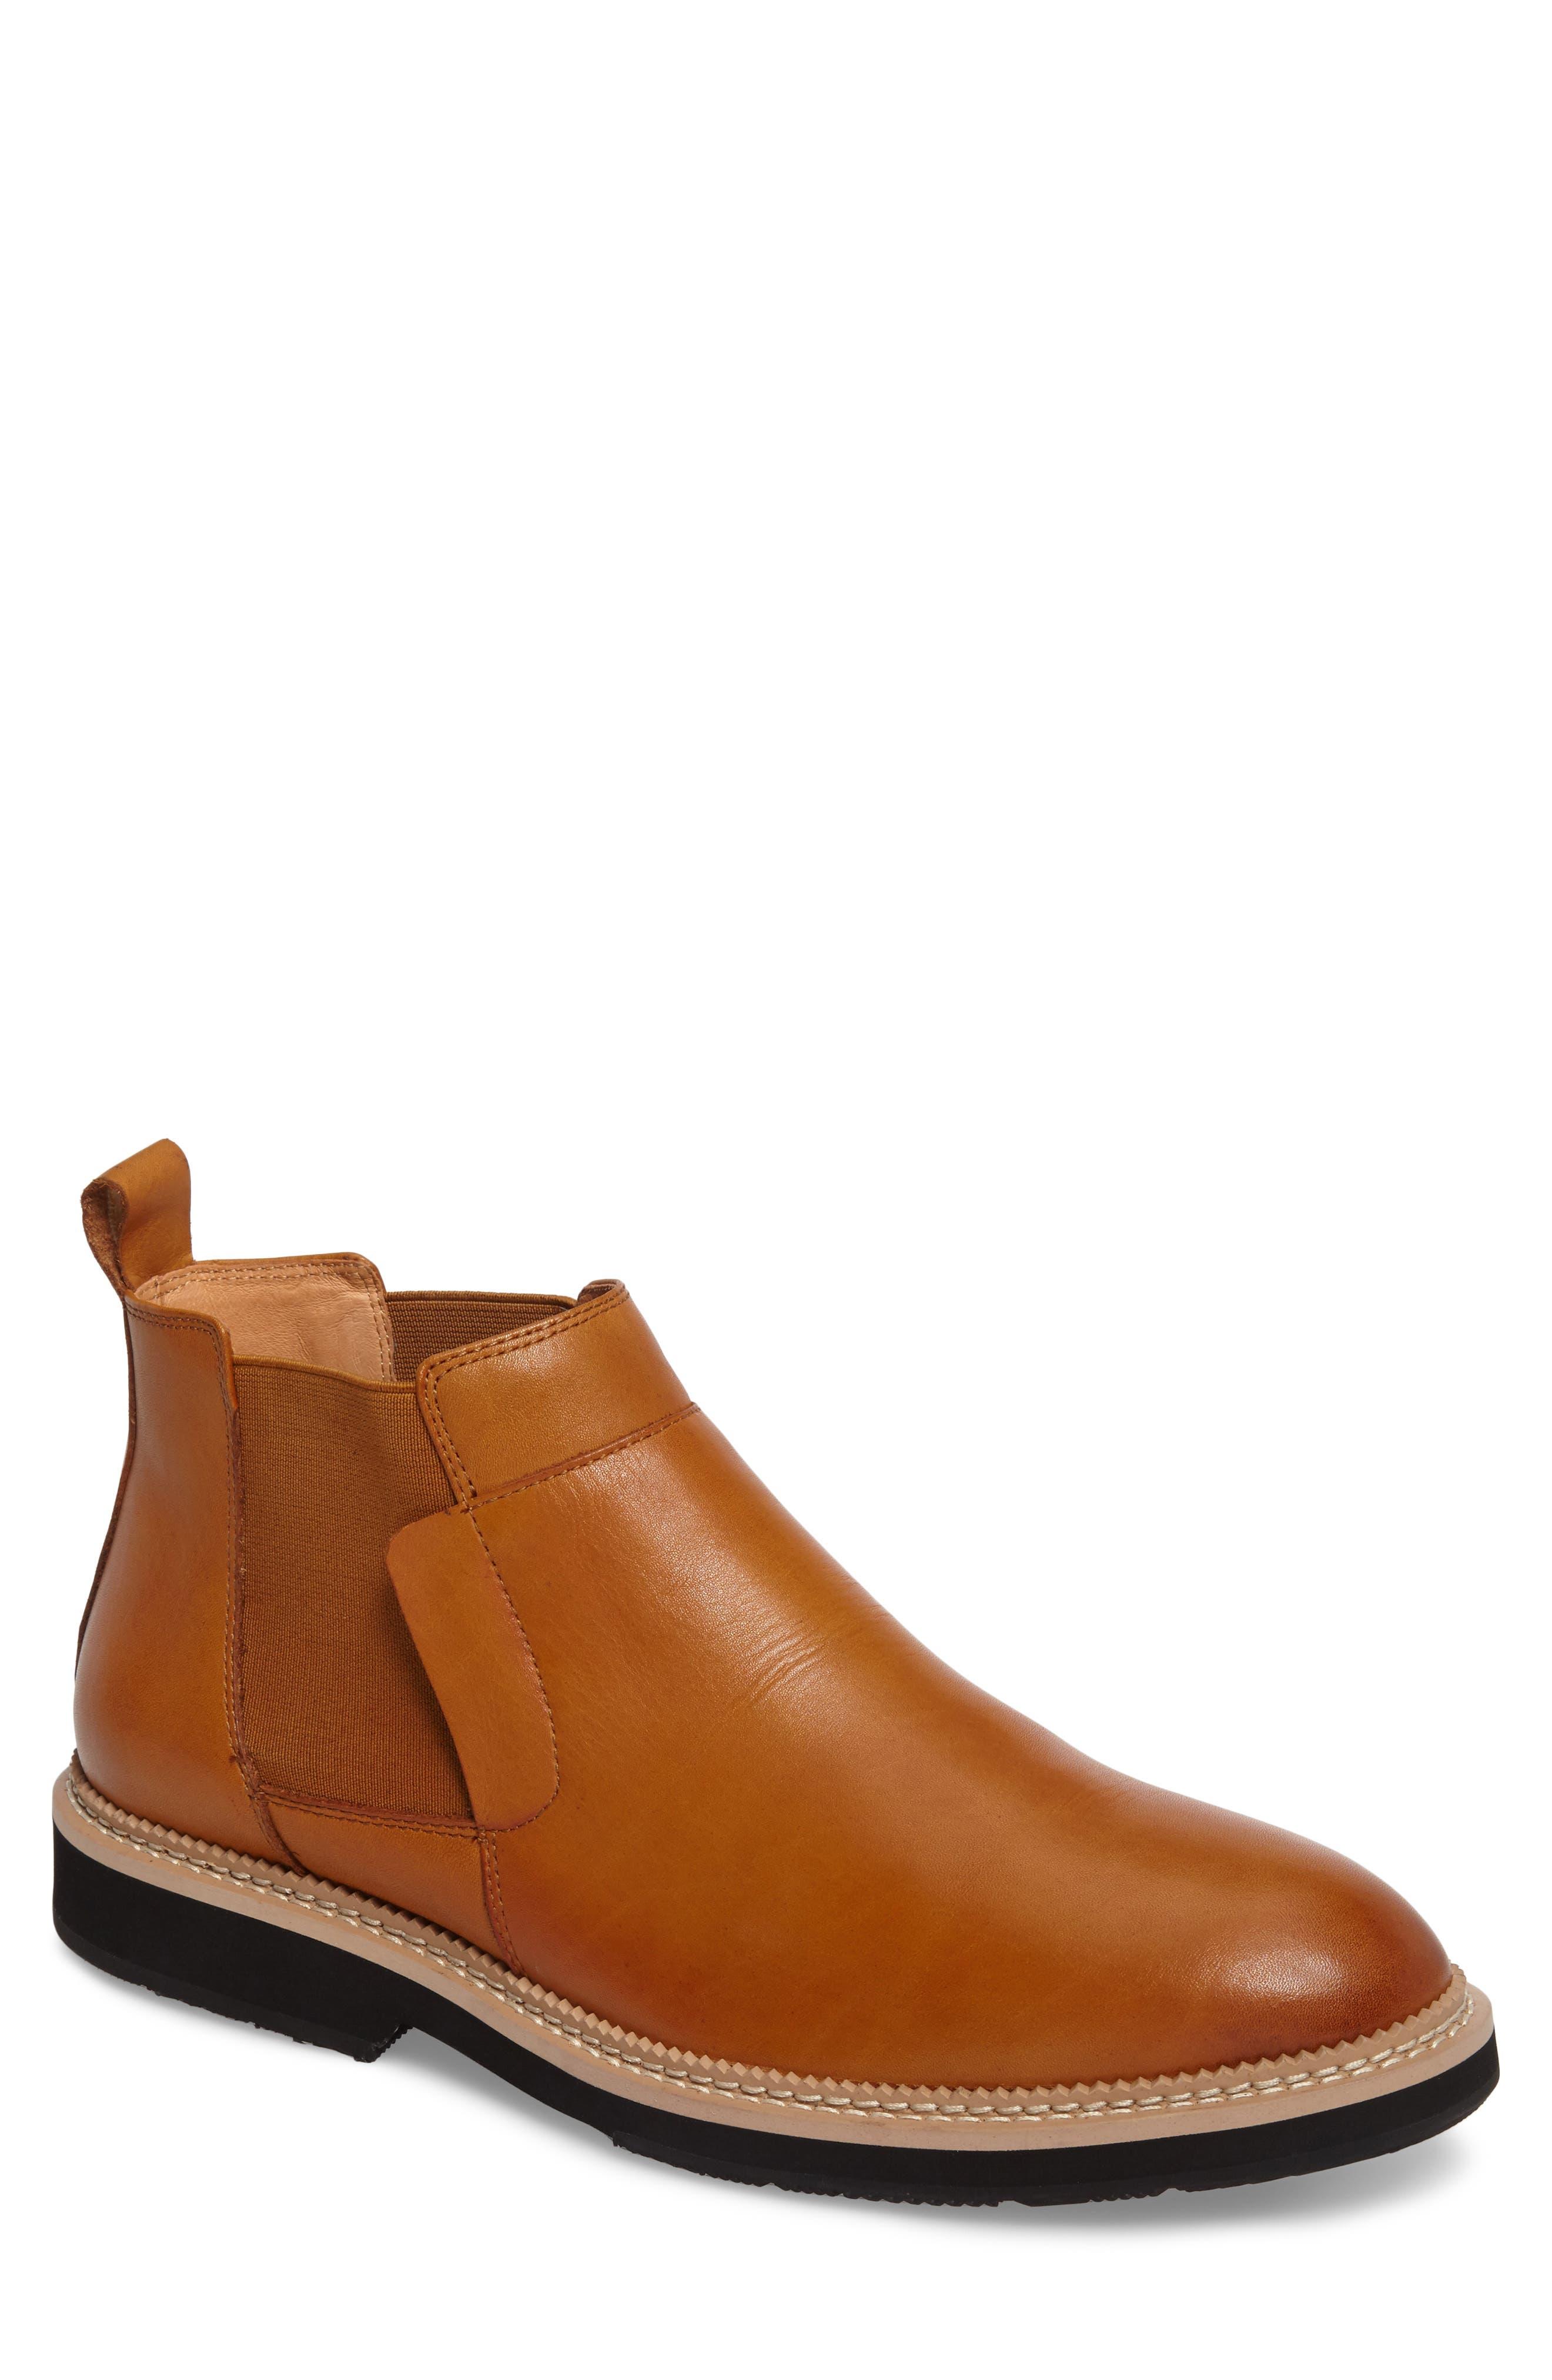 Zanzara Garrad Chelsea Boot (Men)